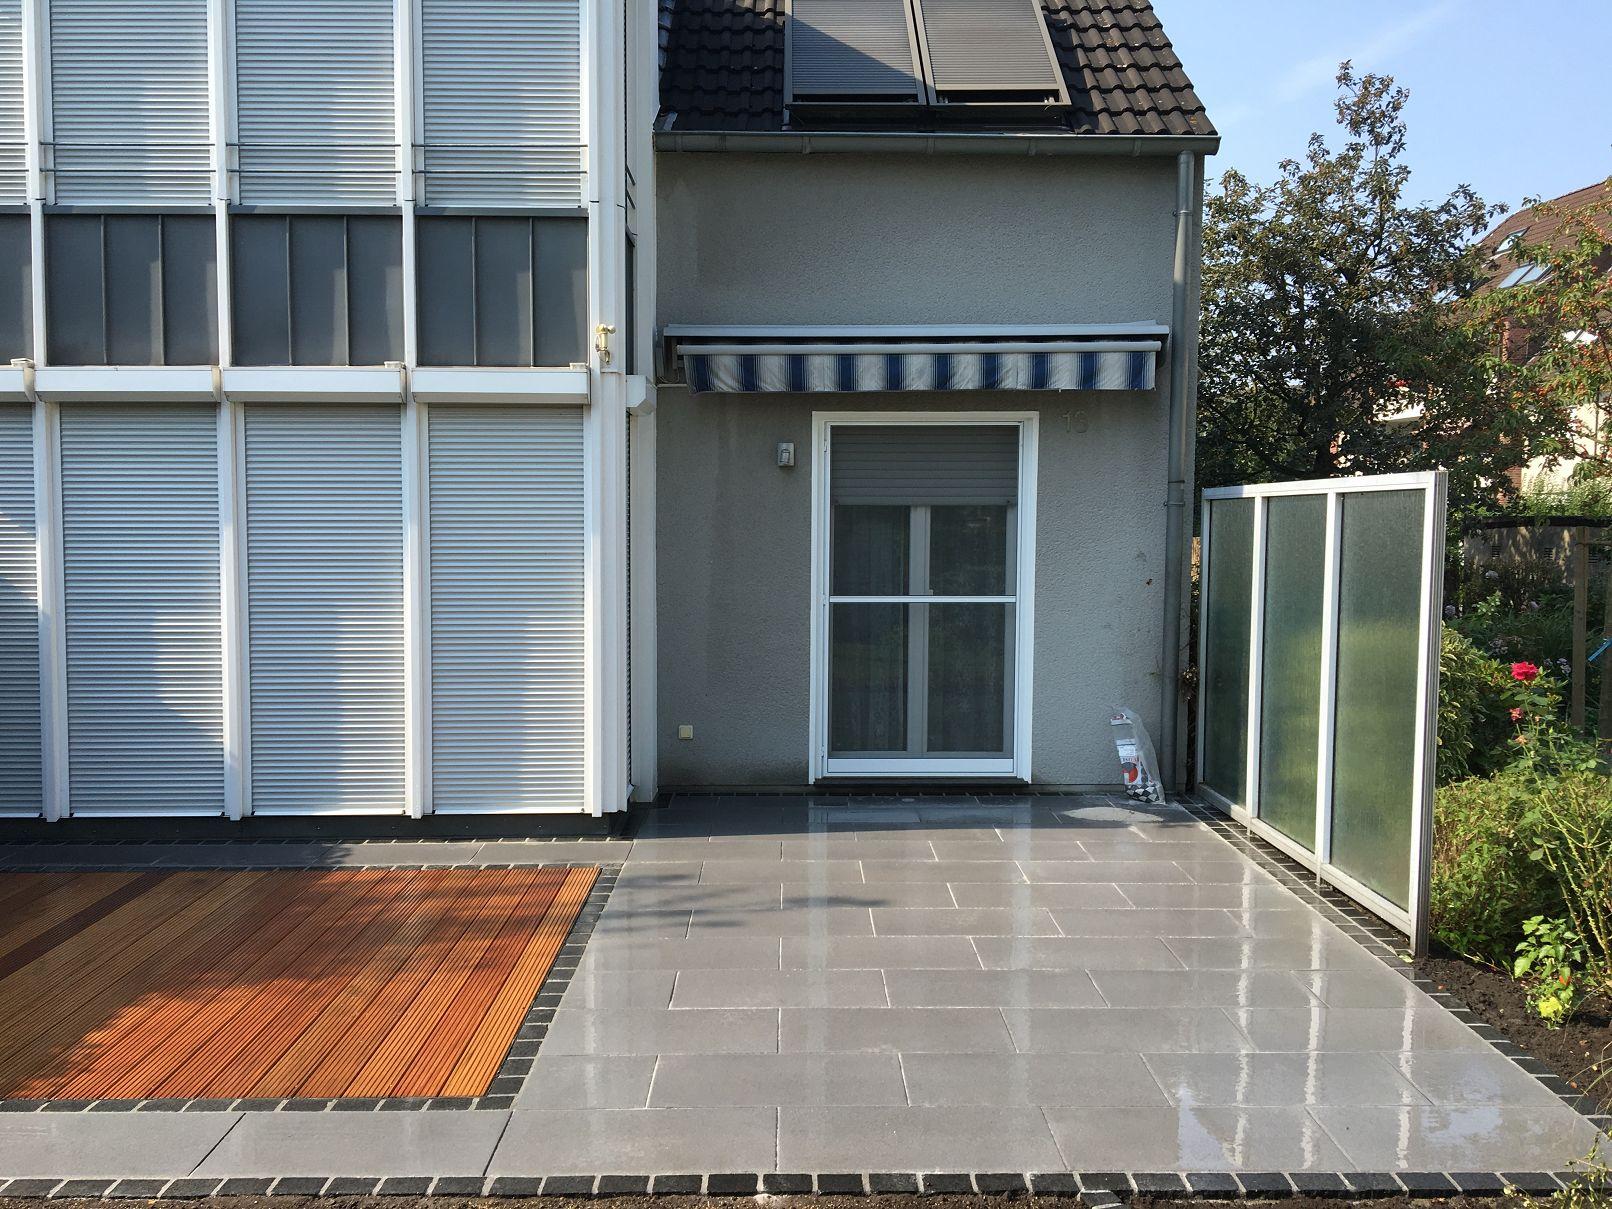 terrassen garten und landschaftsbau patrick fink meisterbetrieb gladbeck. Black Bedroom Furniture Sets. Home Design Ideas